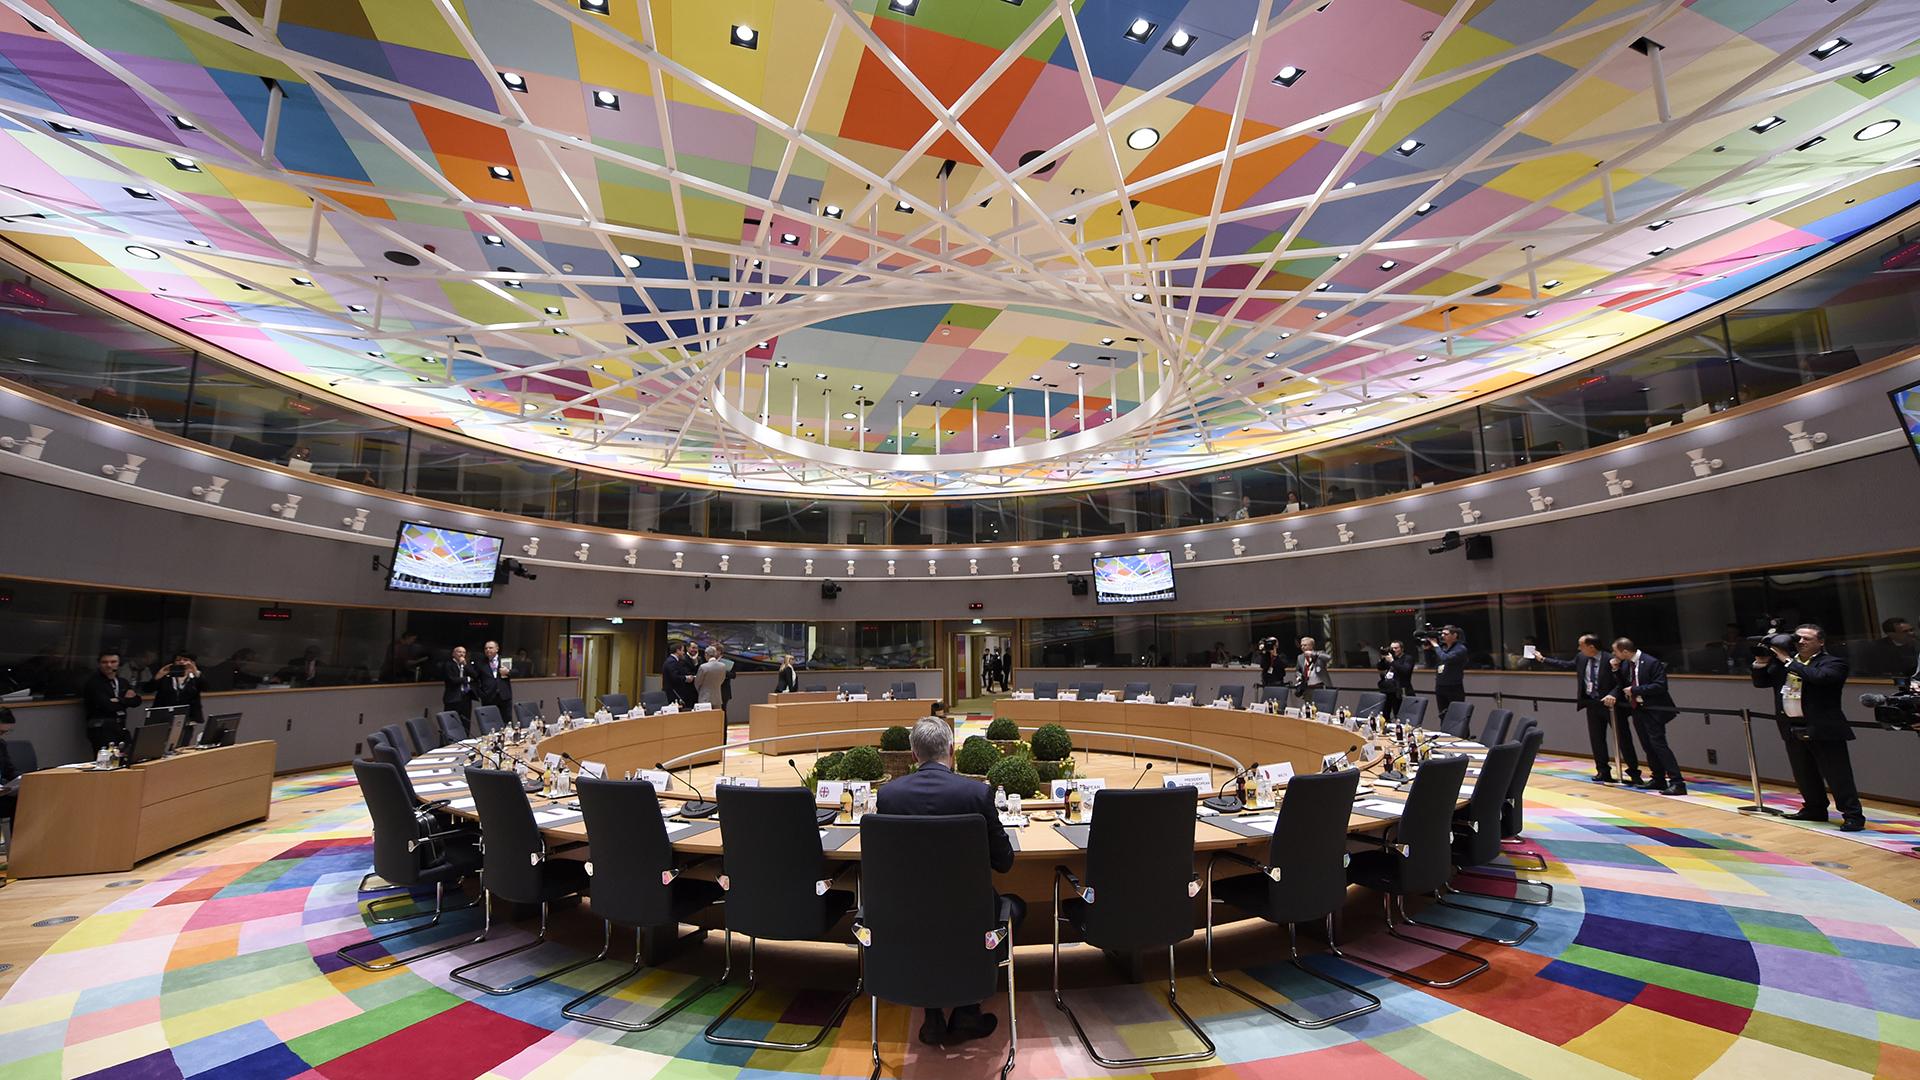 La sede del Consejo Europeo y el Consejo de la Unión Europea, en Bélgica(AFP)